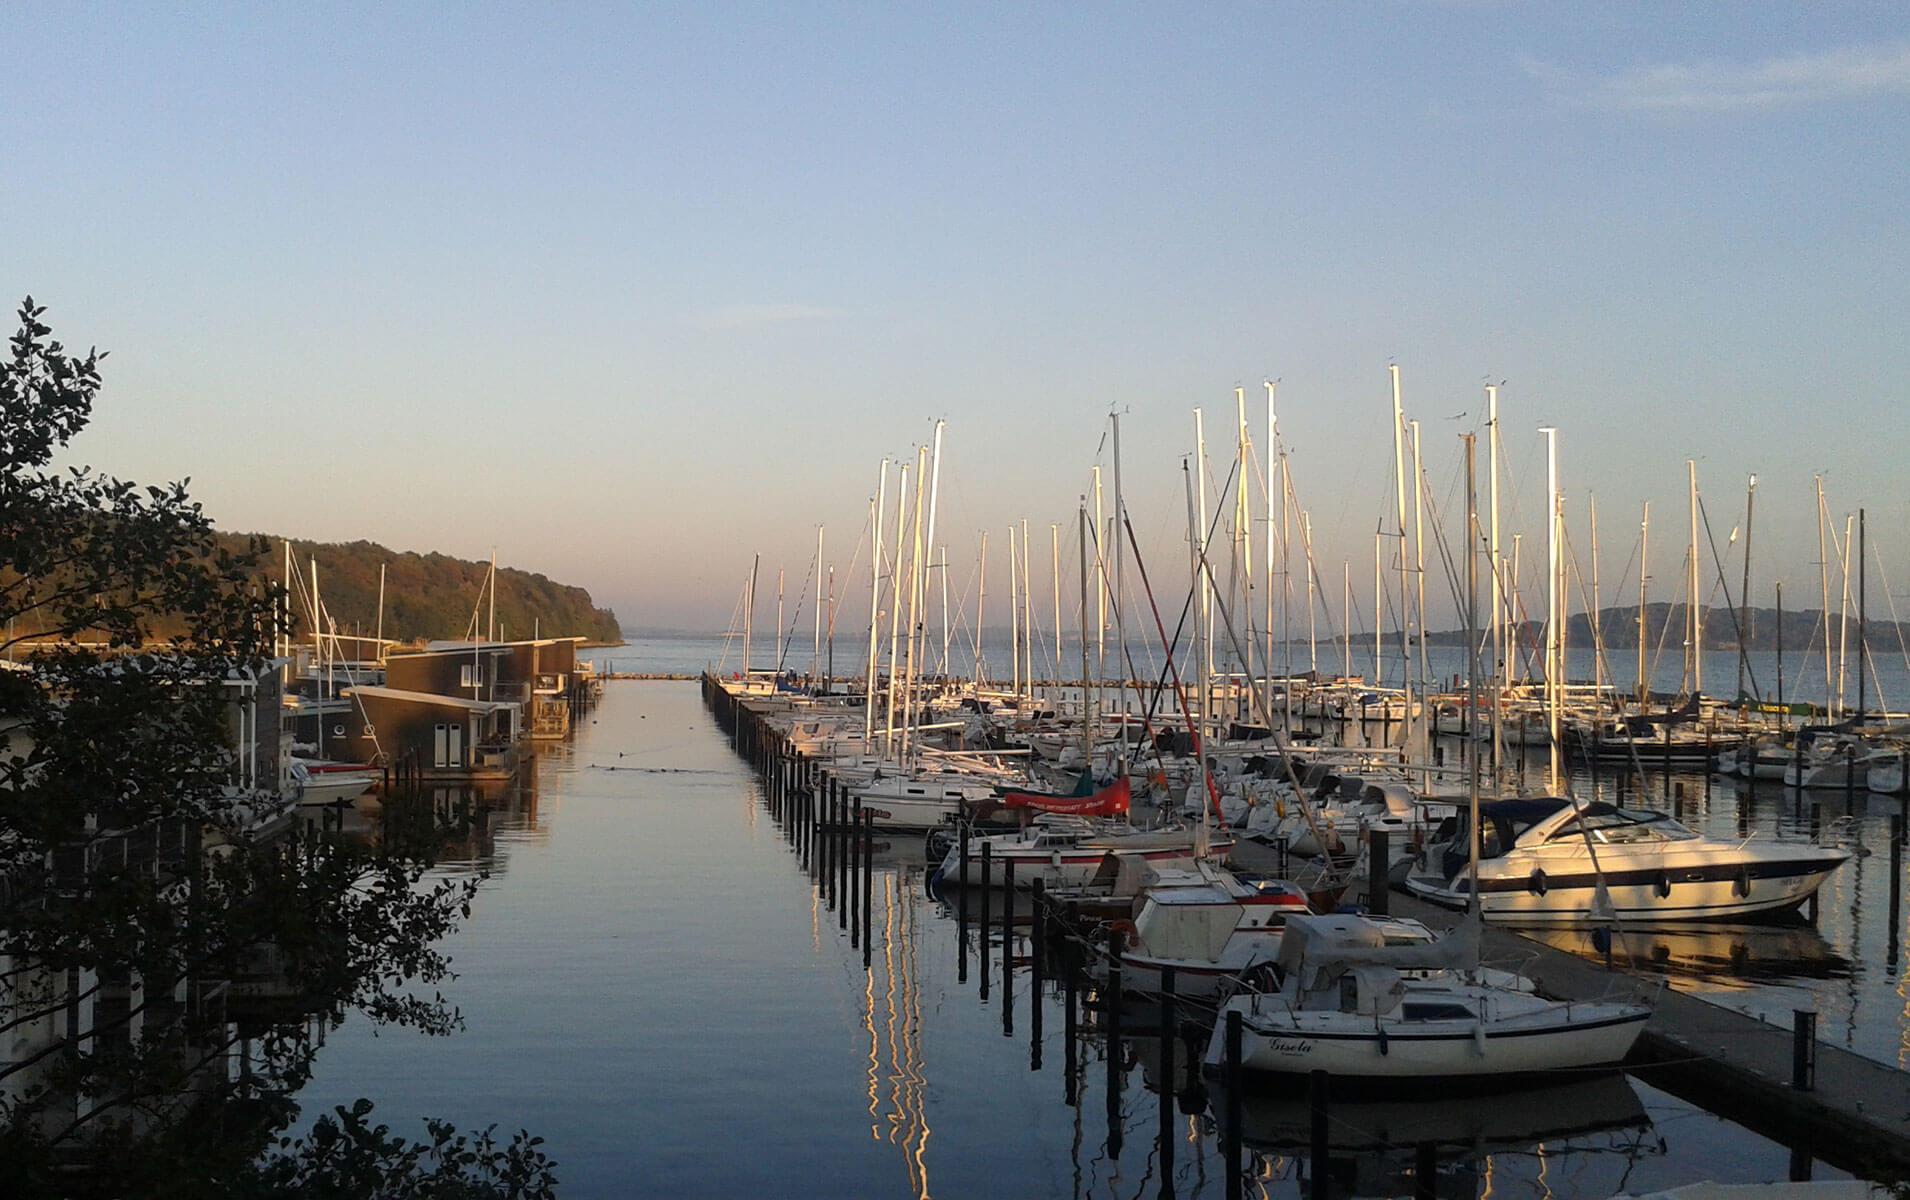 Hafen Lauterbach Rügen